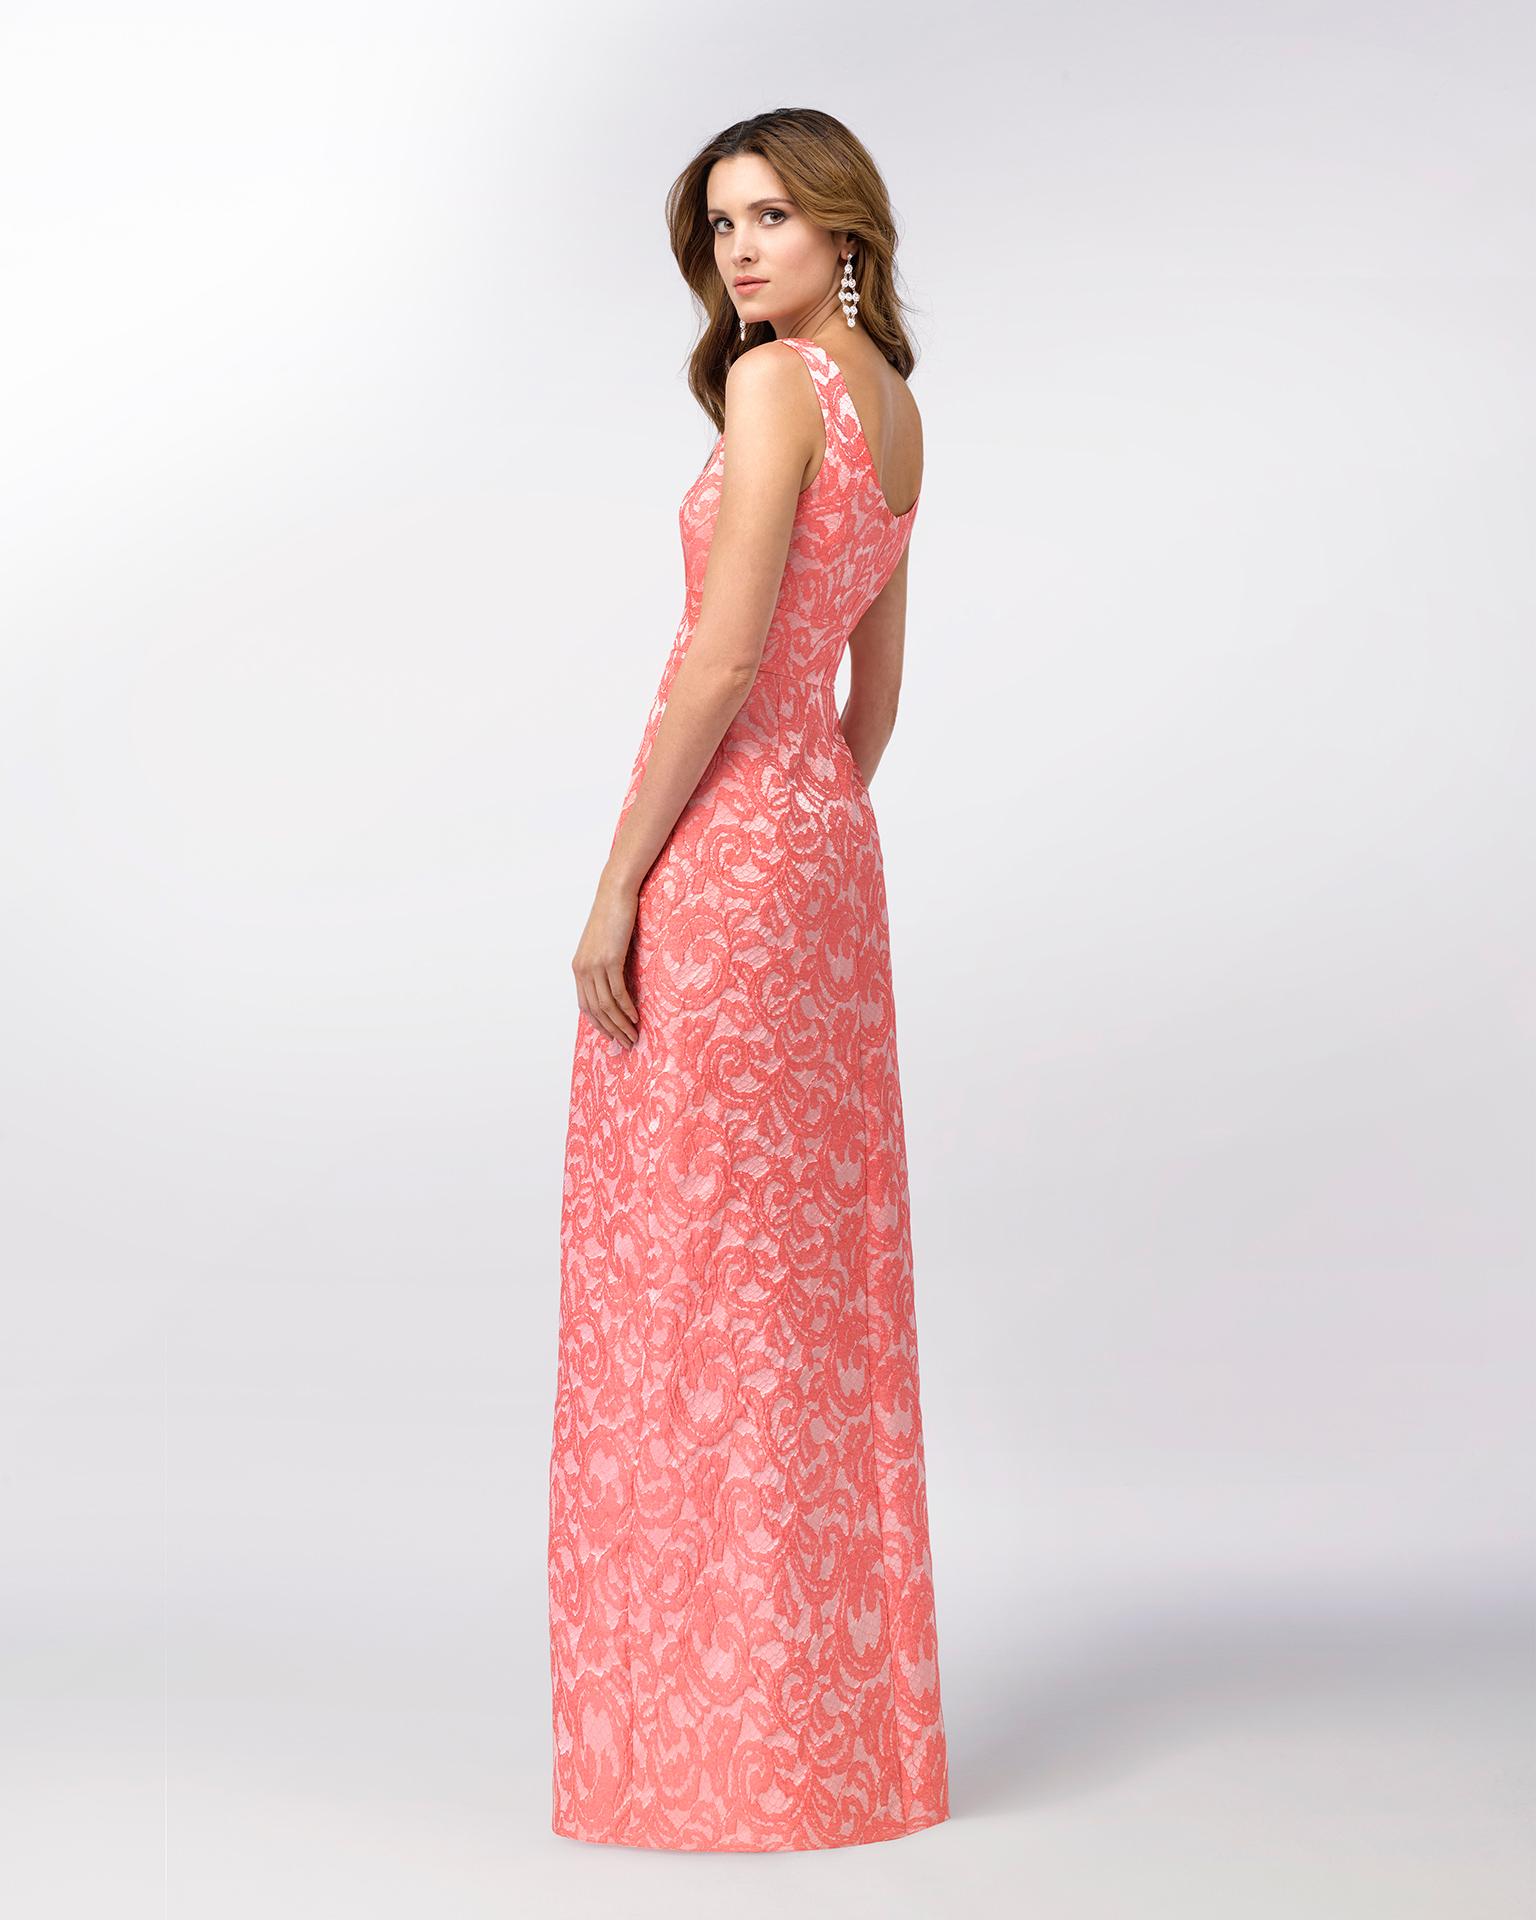 Vestido de fiesta largo de brocado sin mangas con amplia falda estructurada. Disponible en color rosa y azul. Colección FIESTA AIRE BARCELONA 2018.